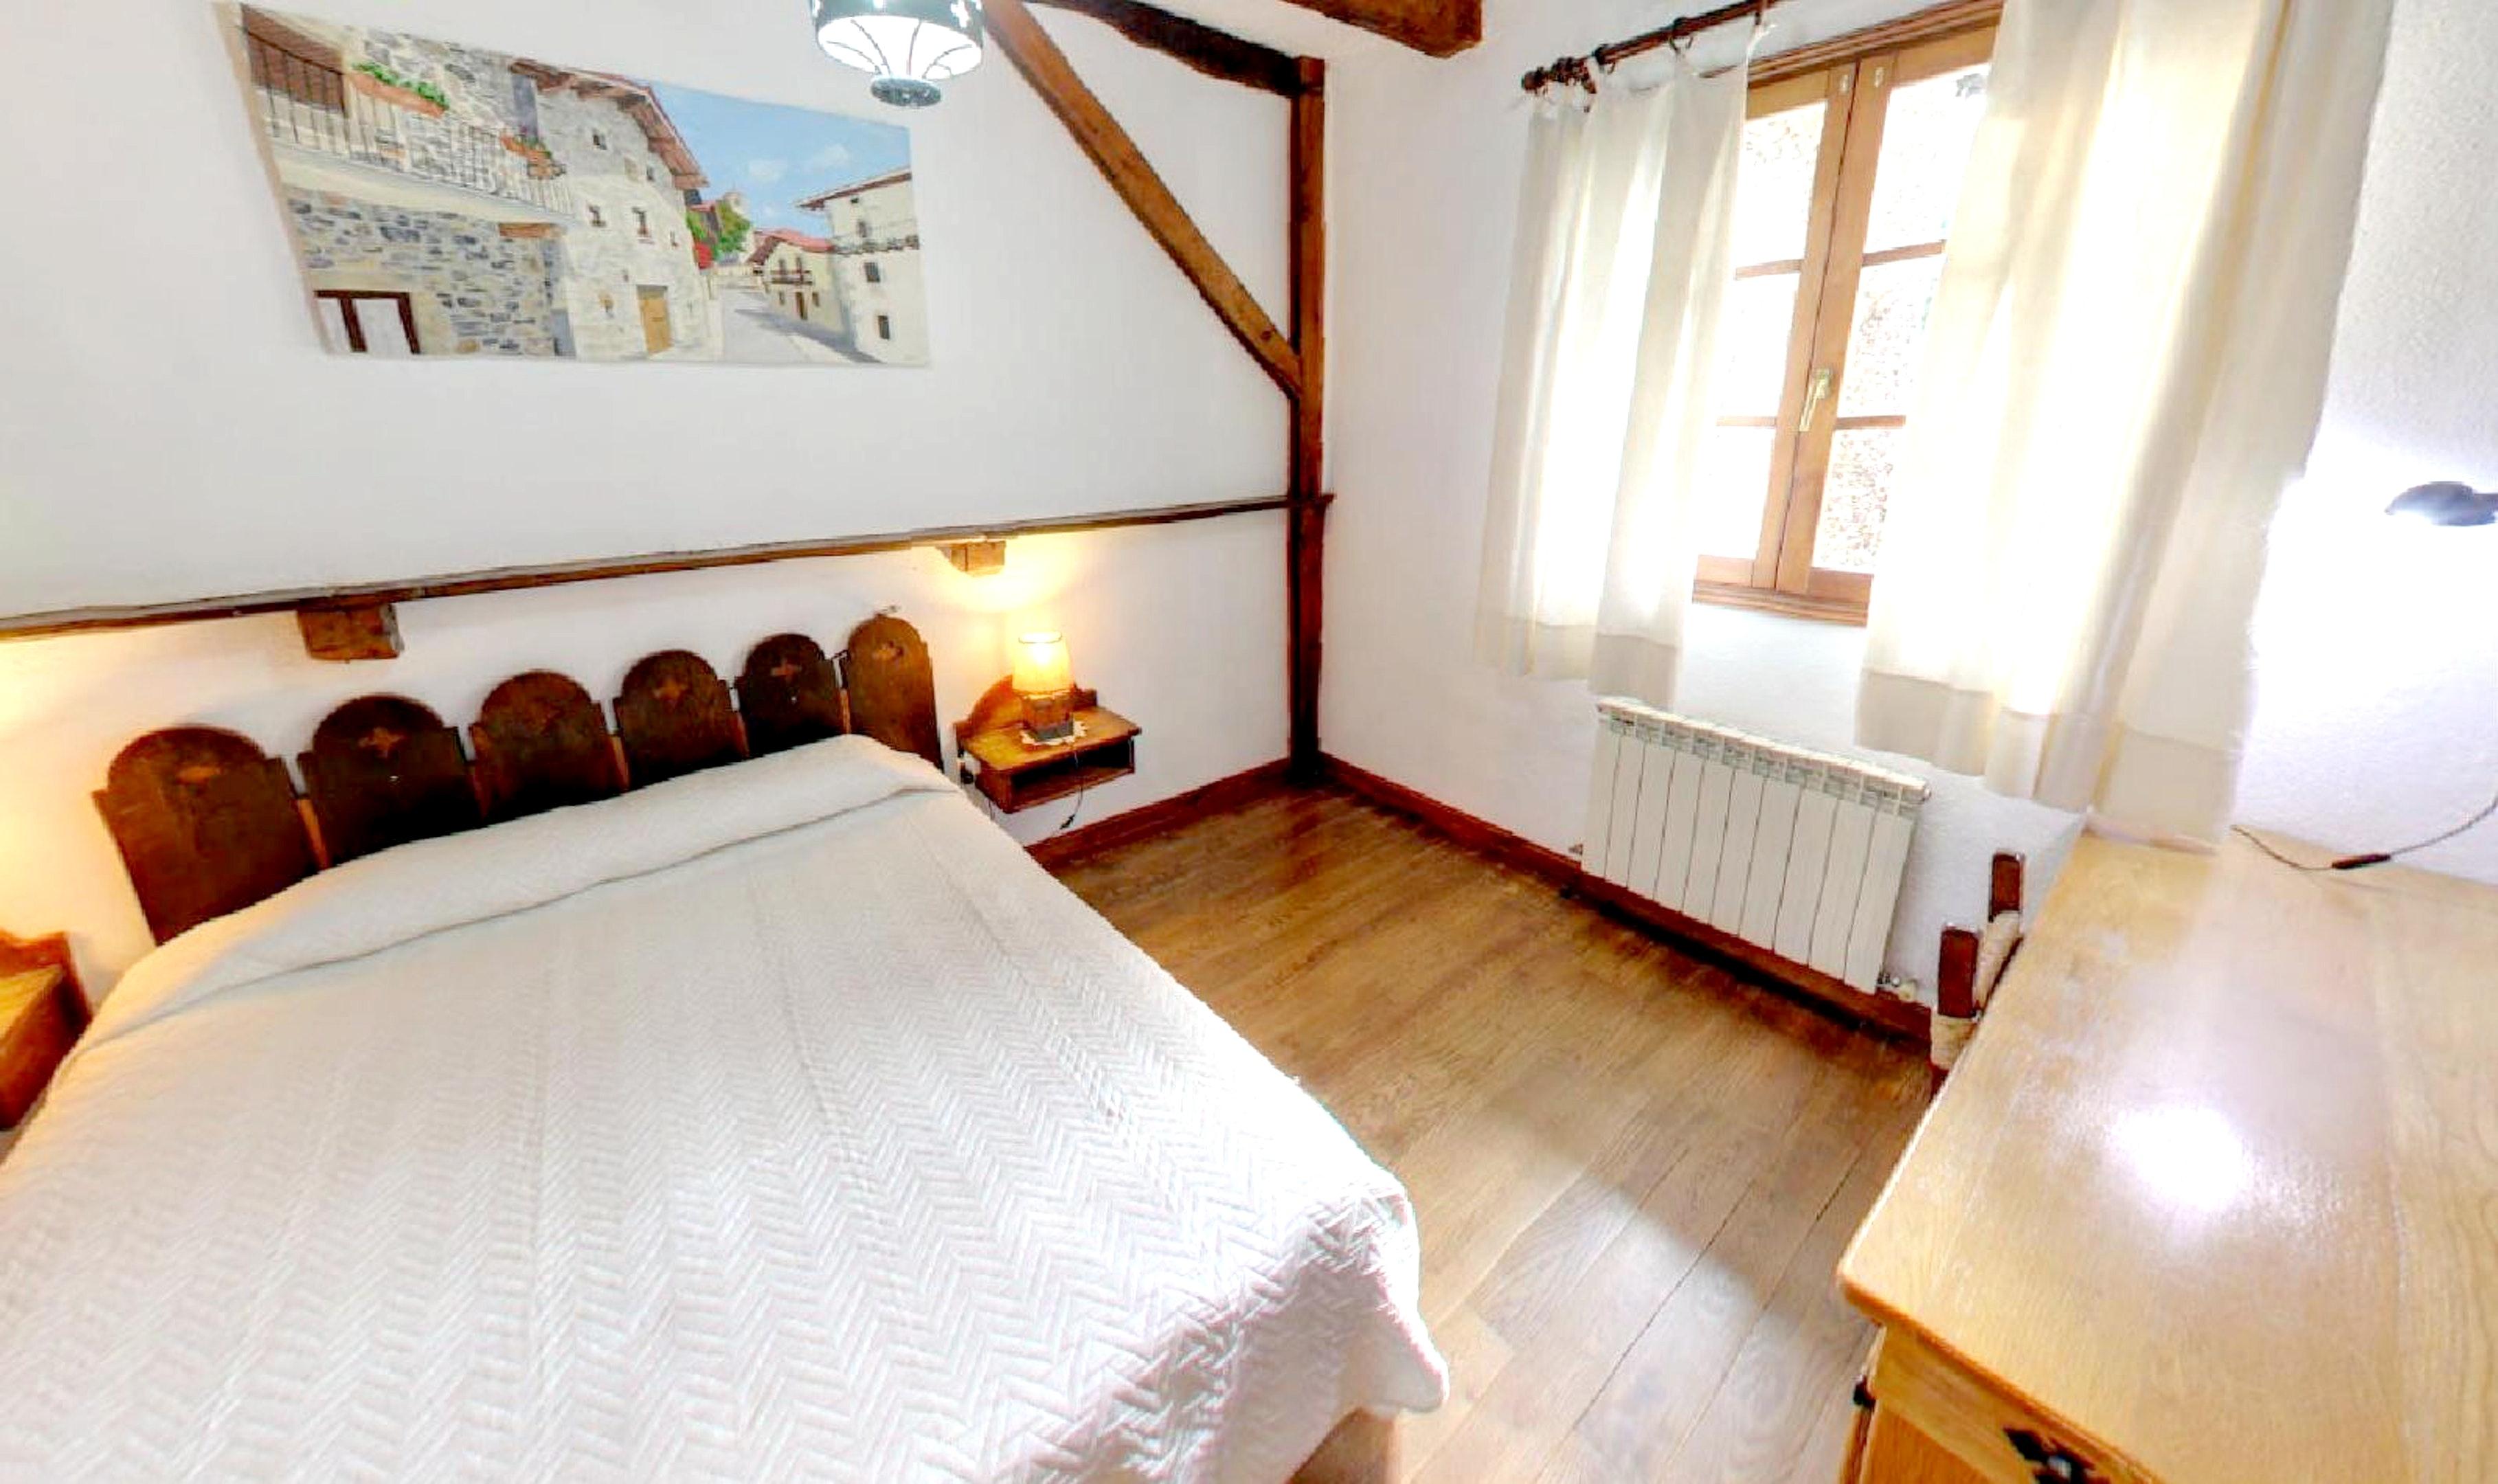 Ferienhaus Haus mit 6 Schlafzimmern in Lizaso mit eingezäuntem Garten und W-LAN - 500 m vom Strand en (2599807), Lizaso, , Navarra, Spanien, Bild 6